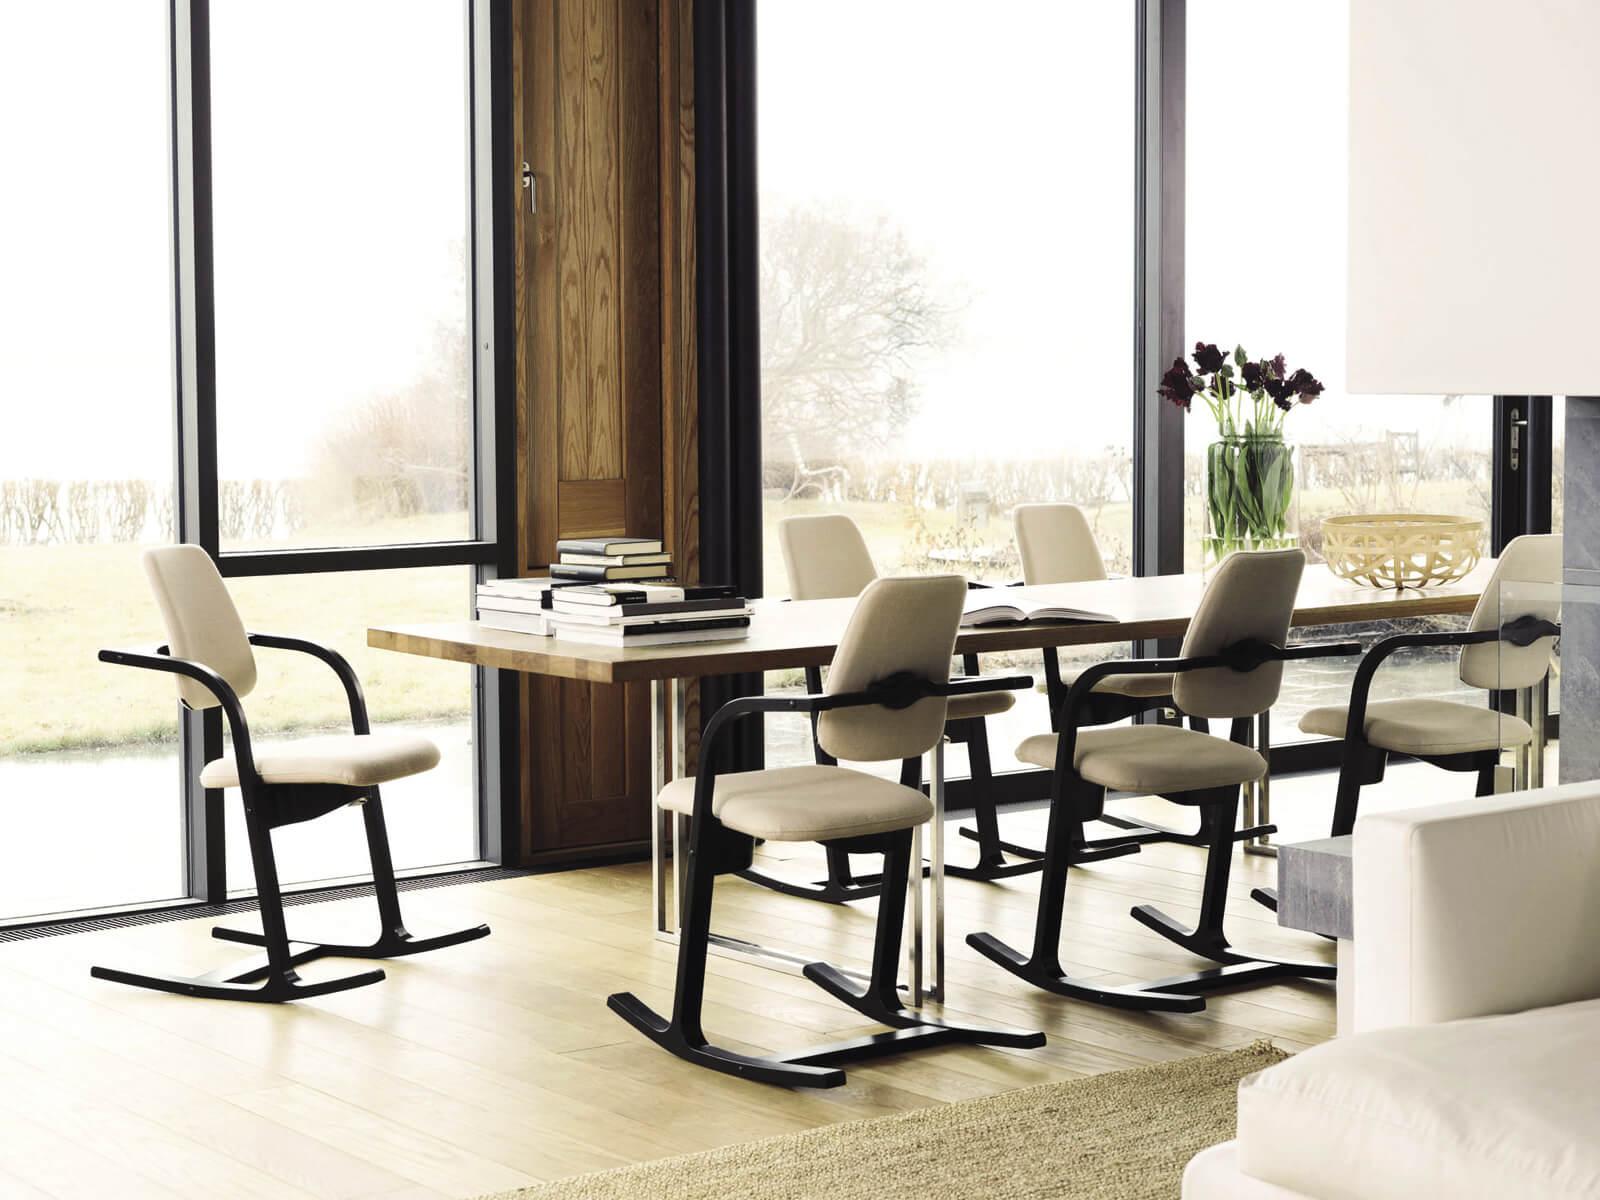 idivani-genova-divani-sedute-ergonomiche-ufficio-1